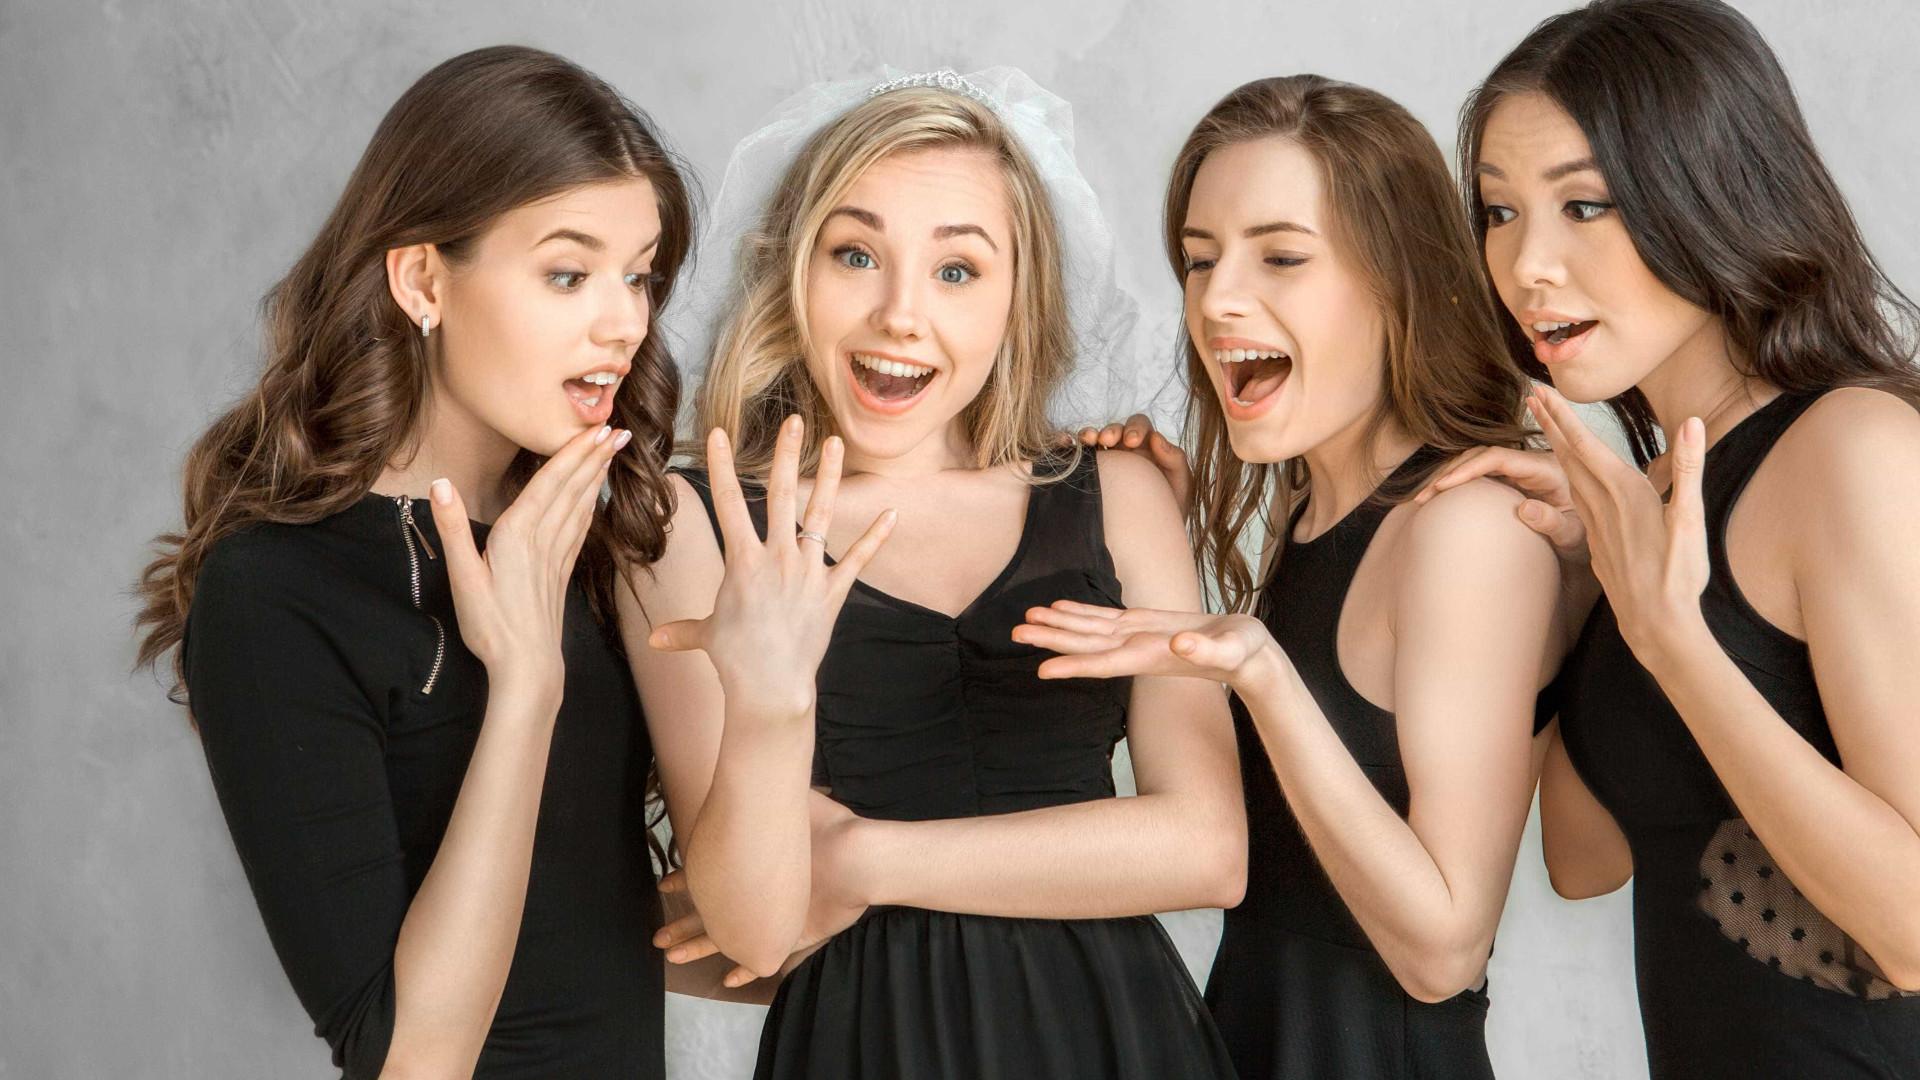 Festa de noivado? Cinco regras de estilo a ter em conta